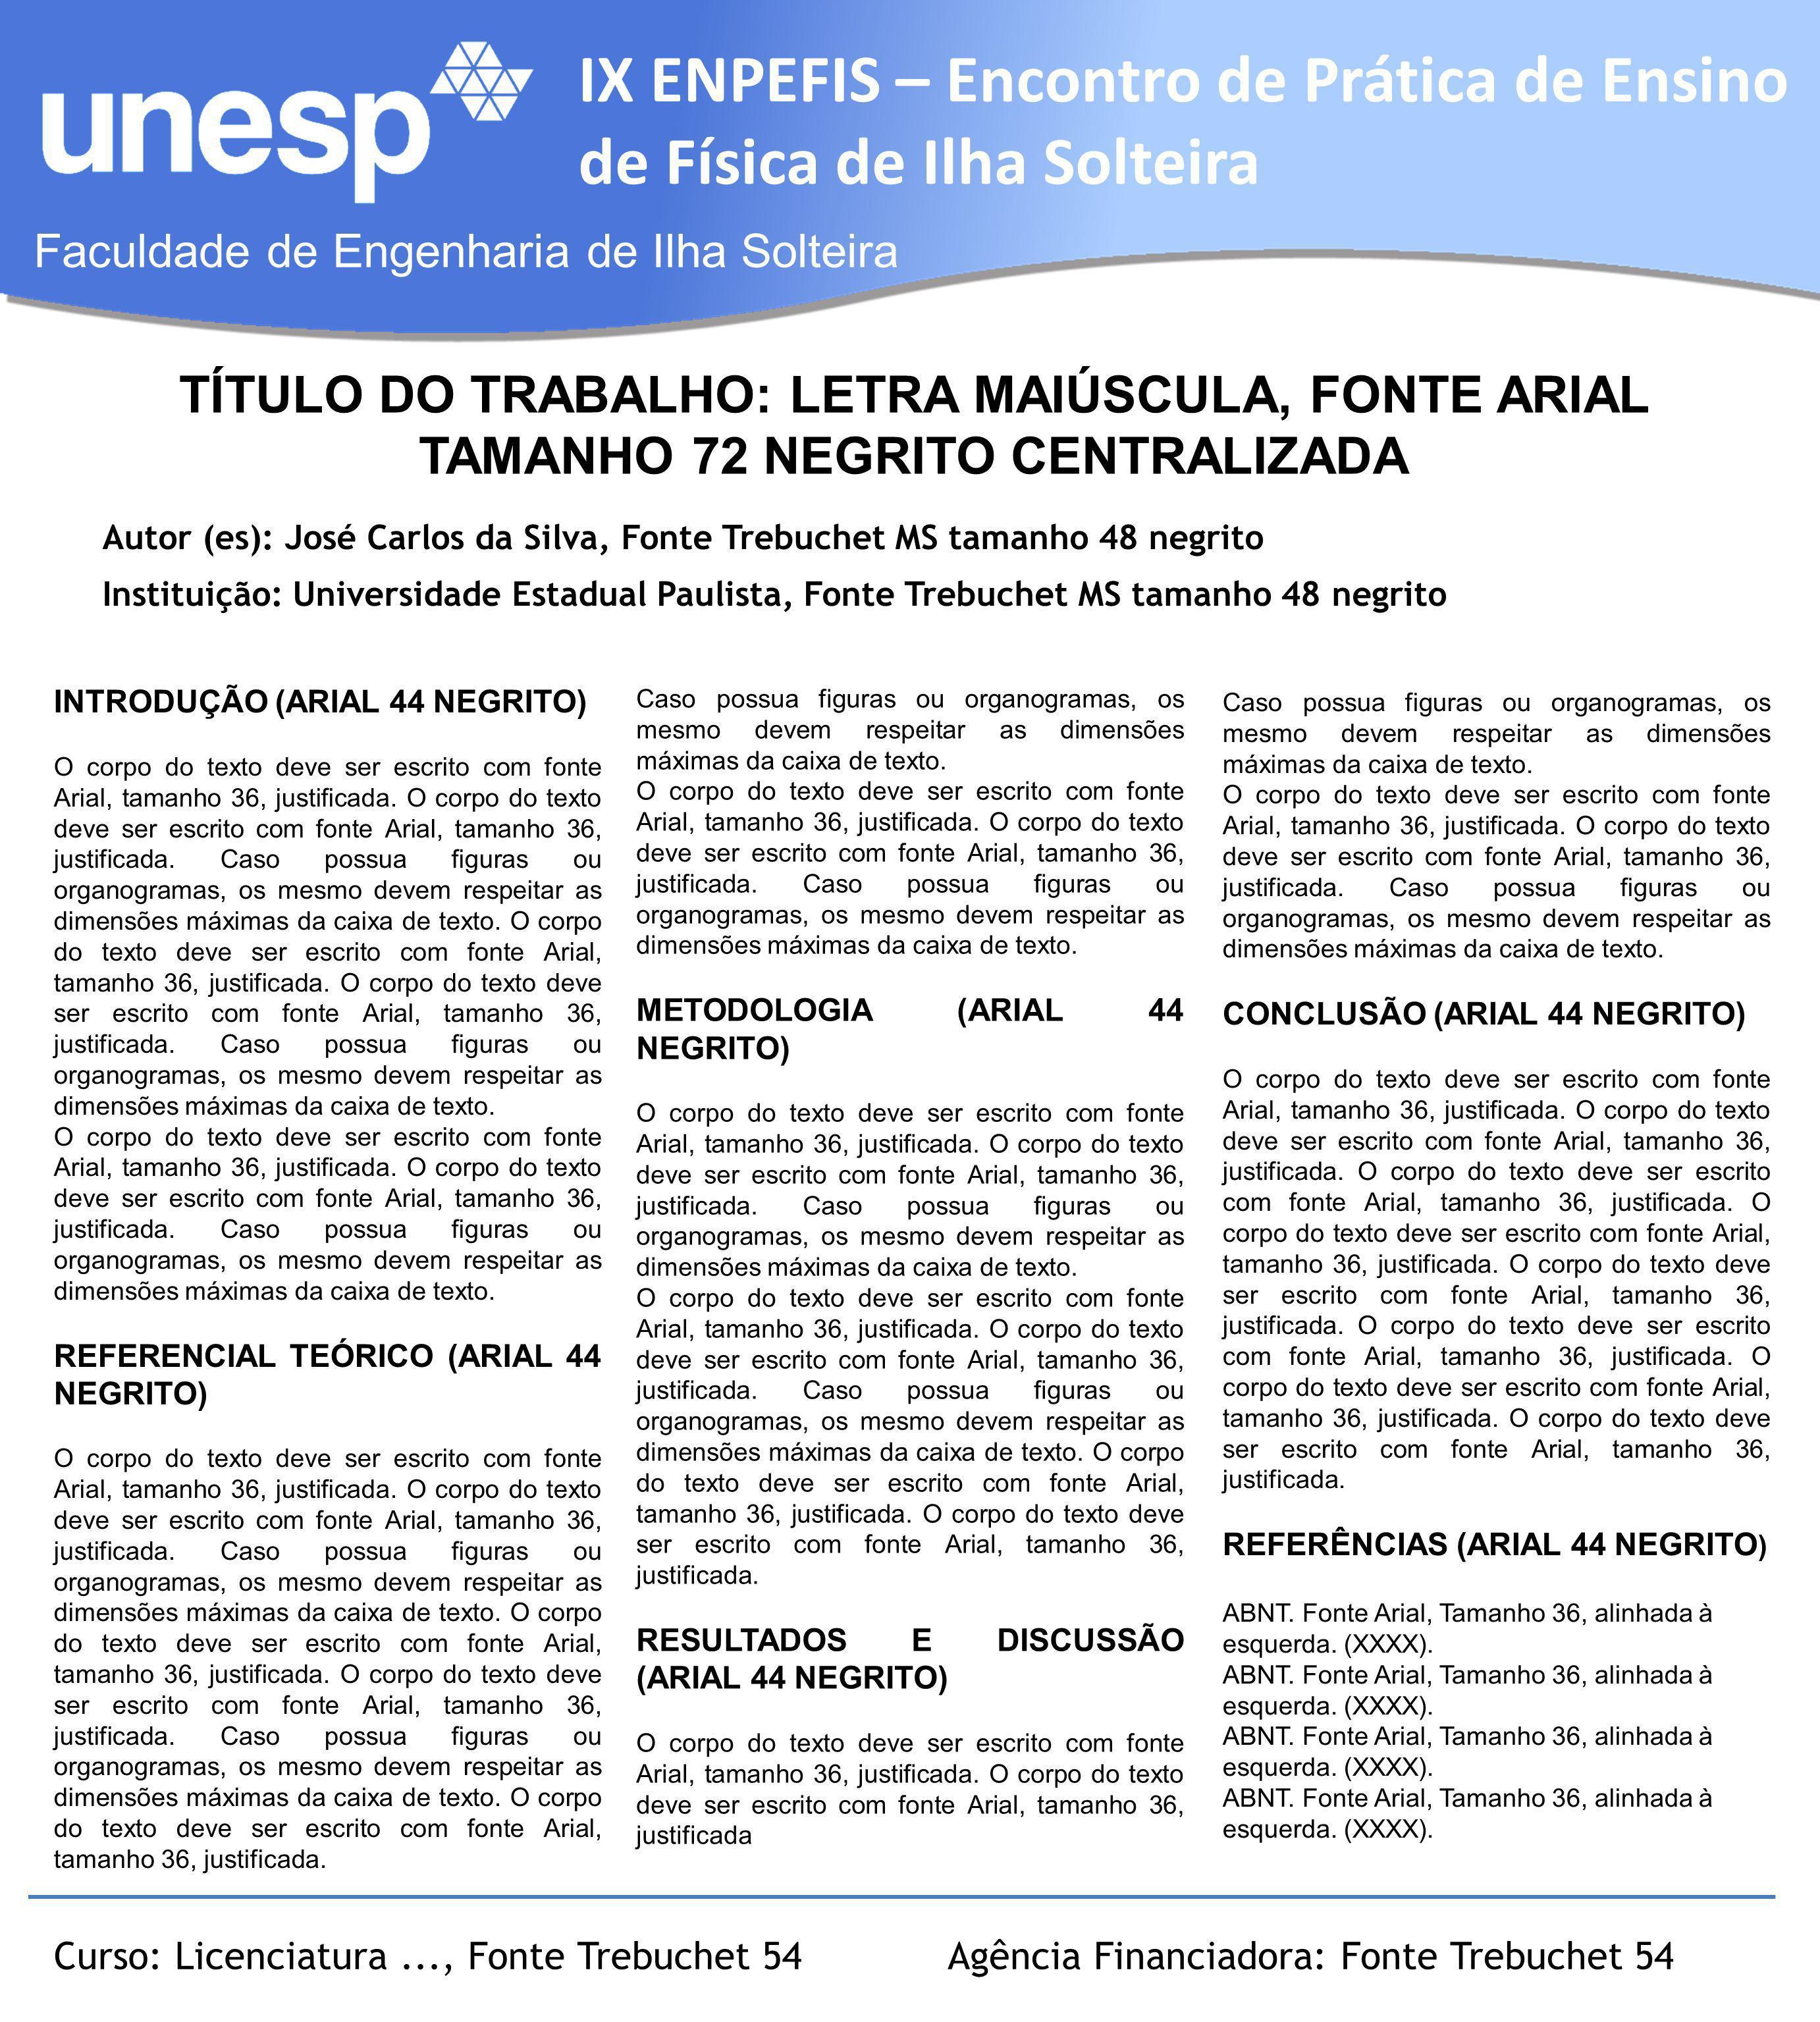 Faculdade de Engenharia de Ilha Solteira IX ENPEFIS – Encontro de Prática de Ensino de Física de Ilha Solteira Autor (es): José Carlos da Silva, Fonte